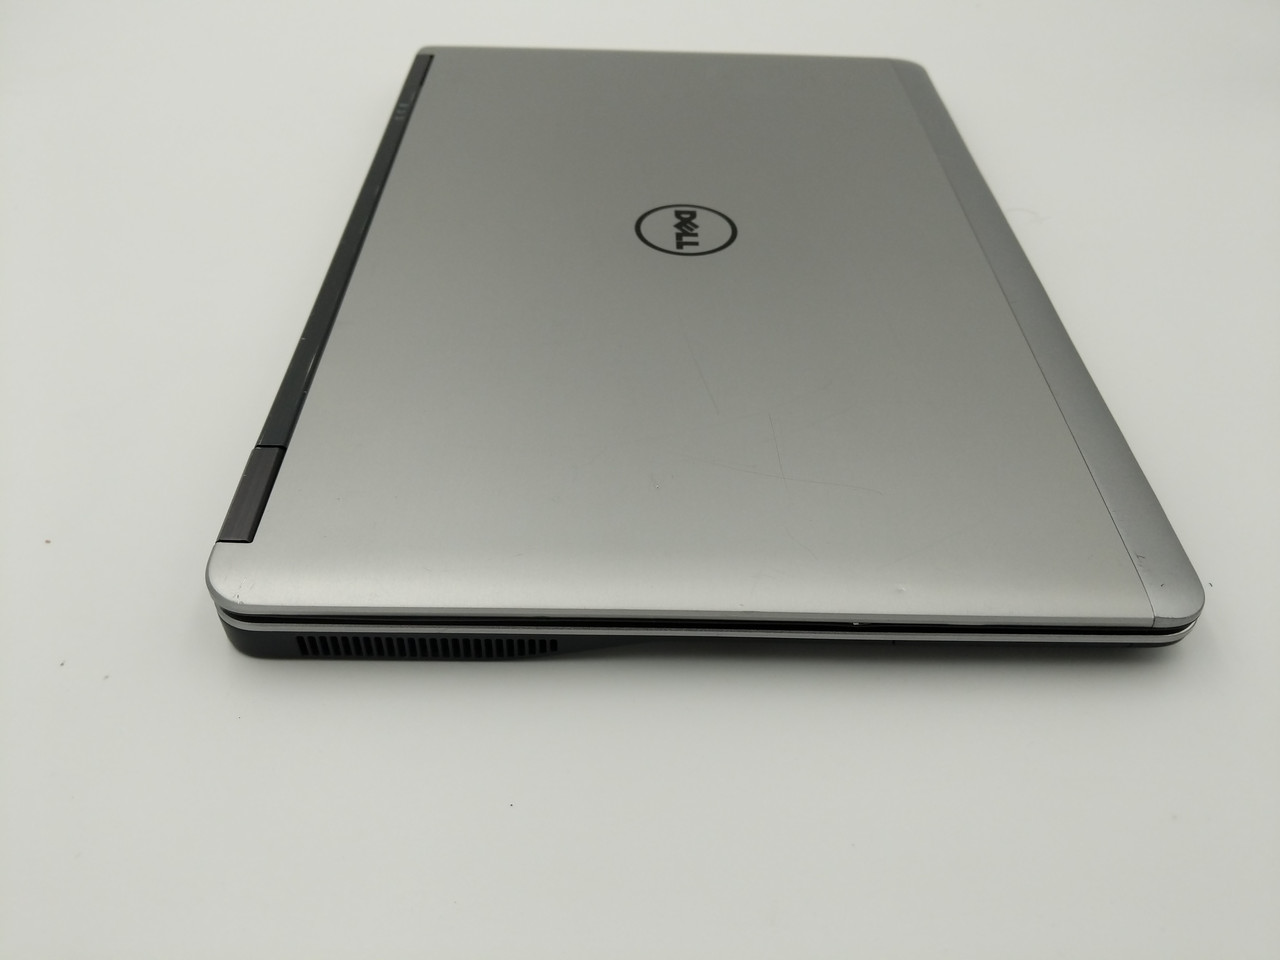 Б/У Dell Latitude E7440 14″ FullHD IPS  i5-4310U / 8Gb DDR3 /SSDНет в наличии 7